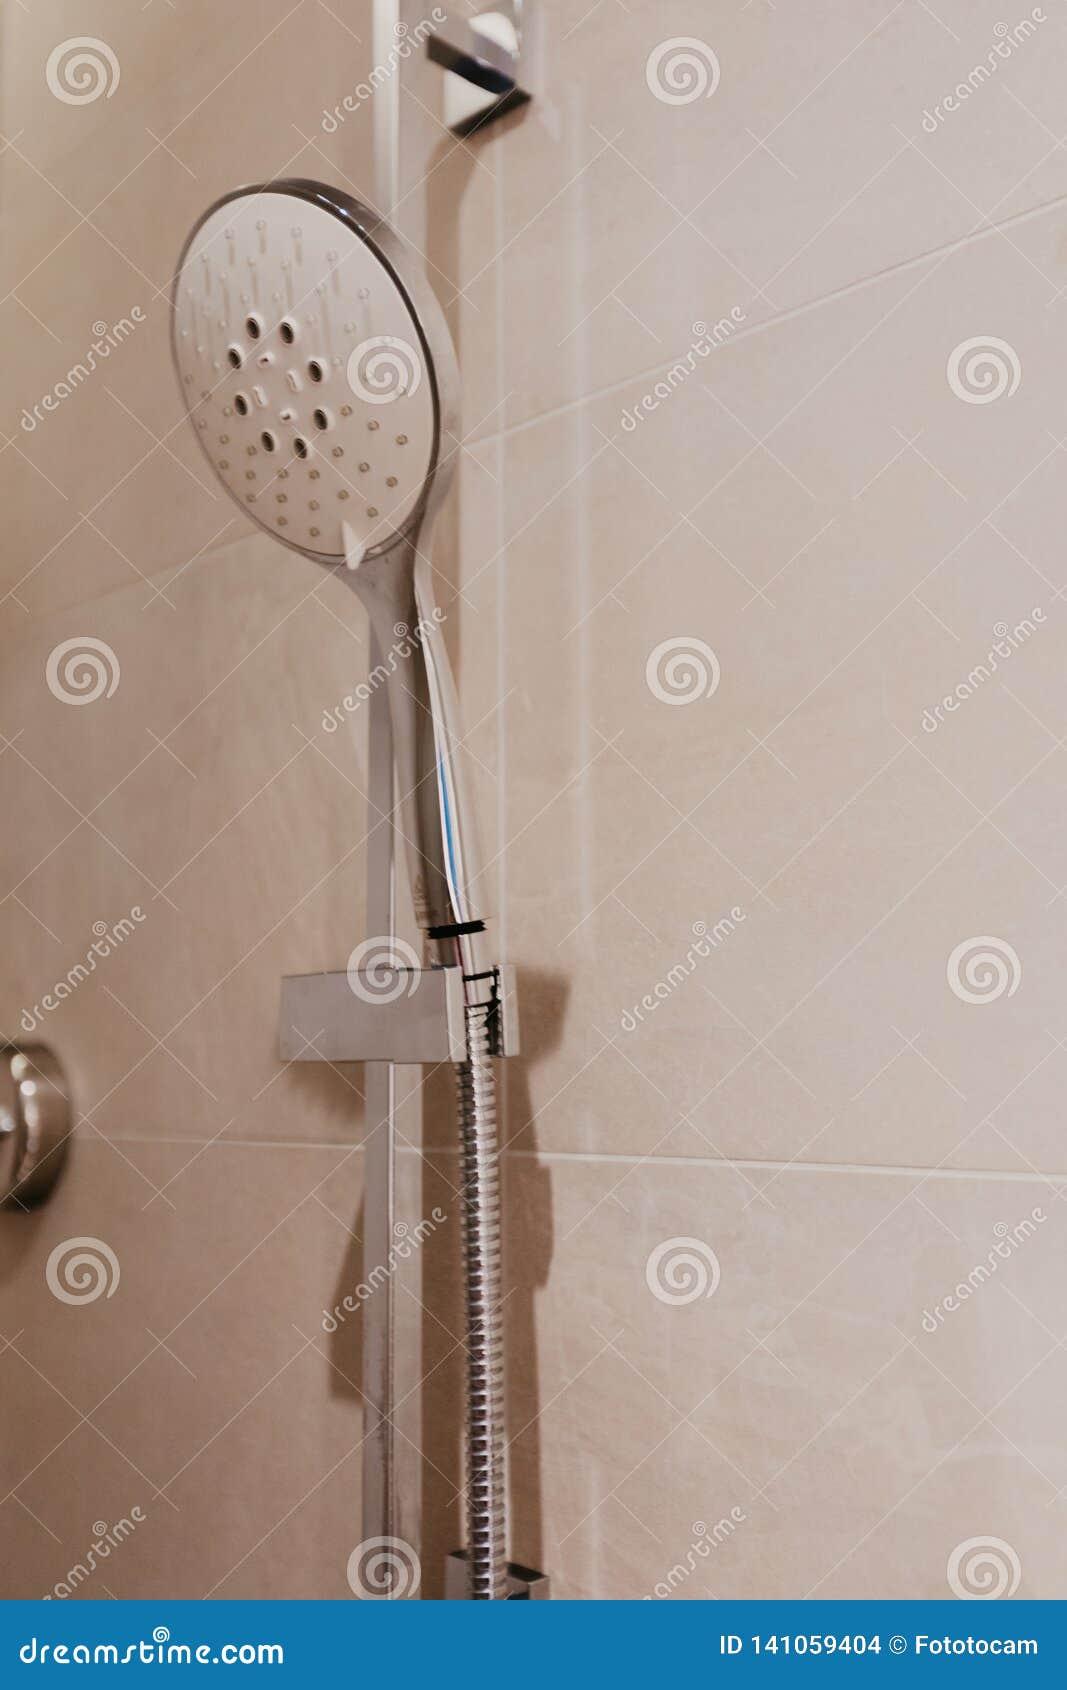 Dusch i badruminre - bild